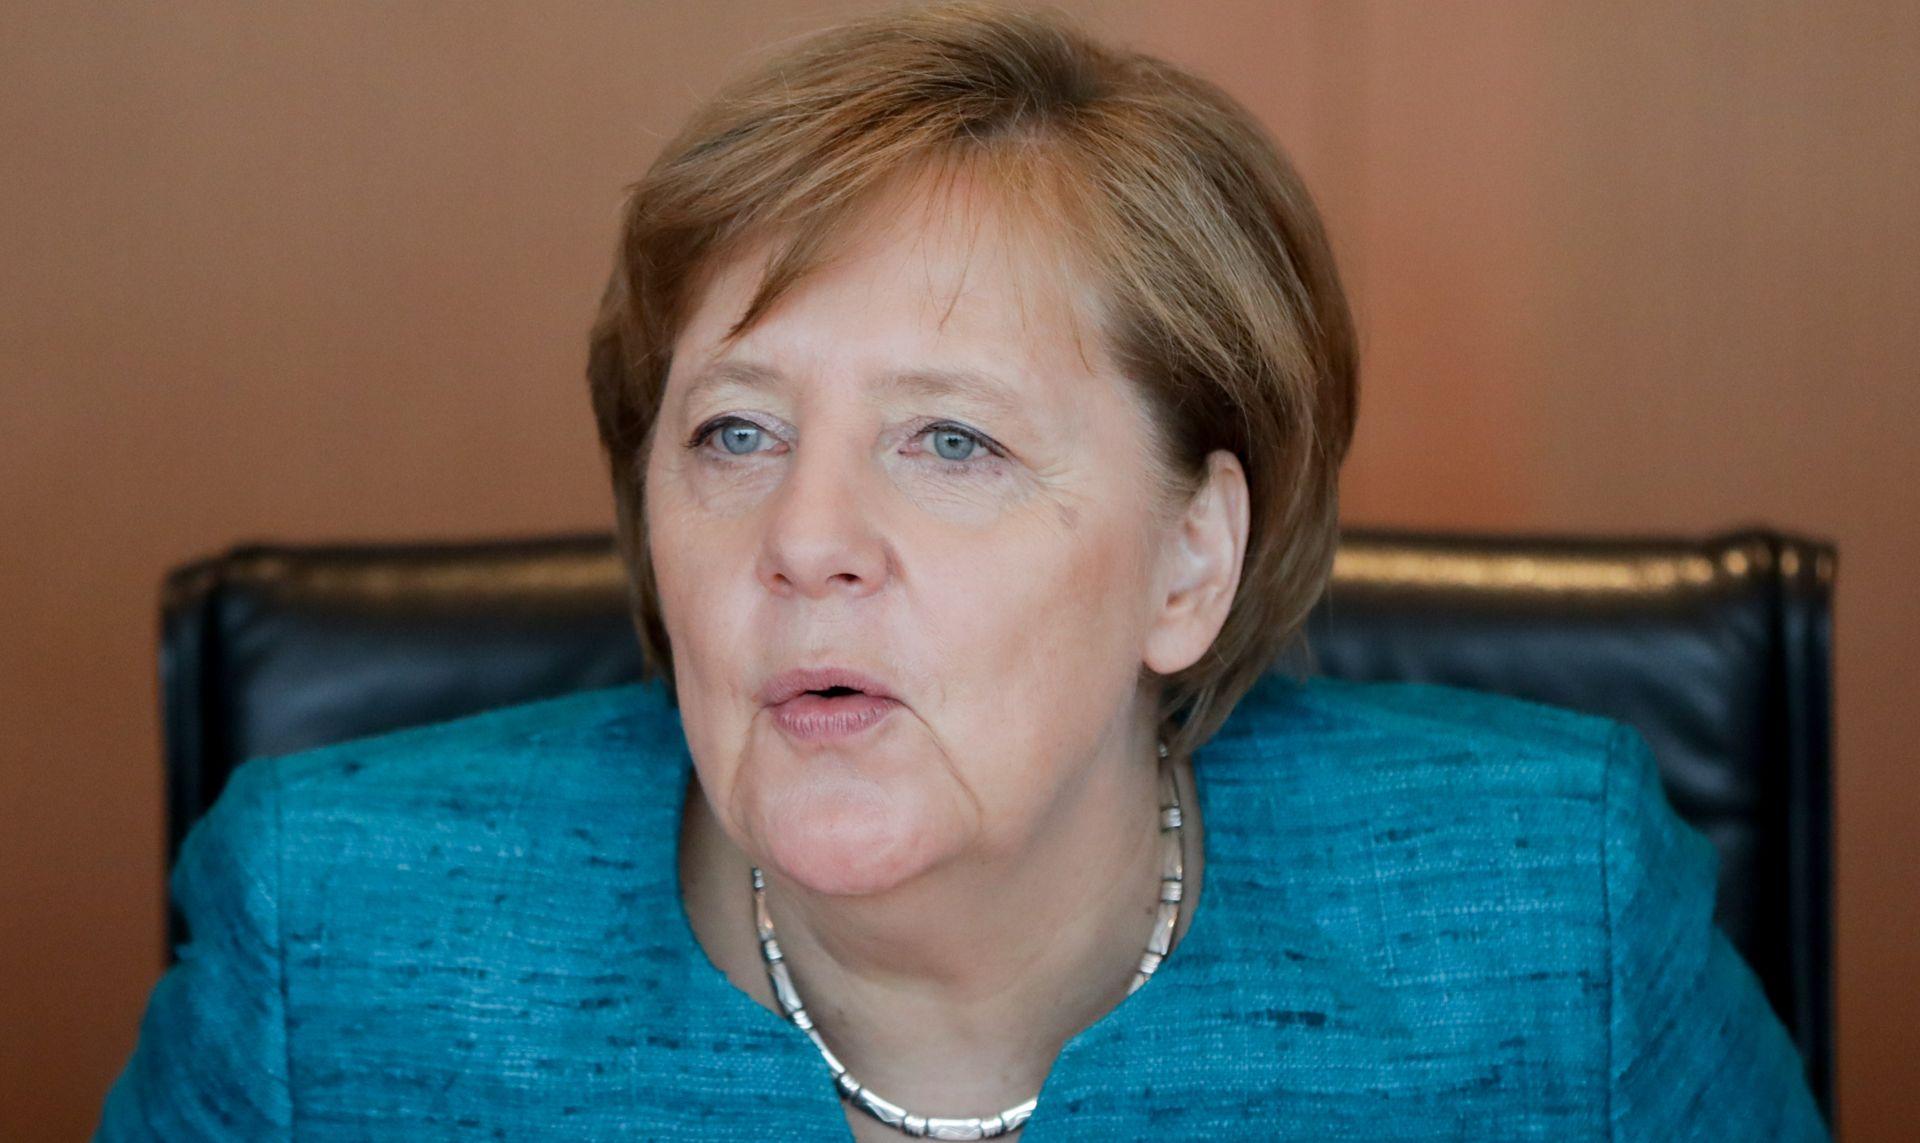 NJEMAČKA LEGALIZIRALA GAY BRAKOVE Merkel glasala protiv, no nema ništa protiv njihovih prava na posvajanje djece